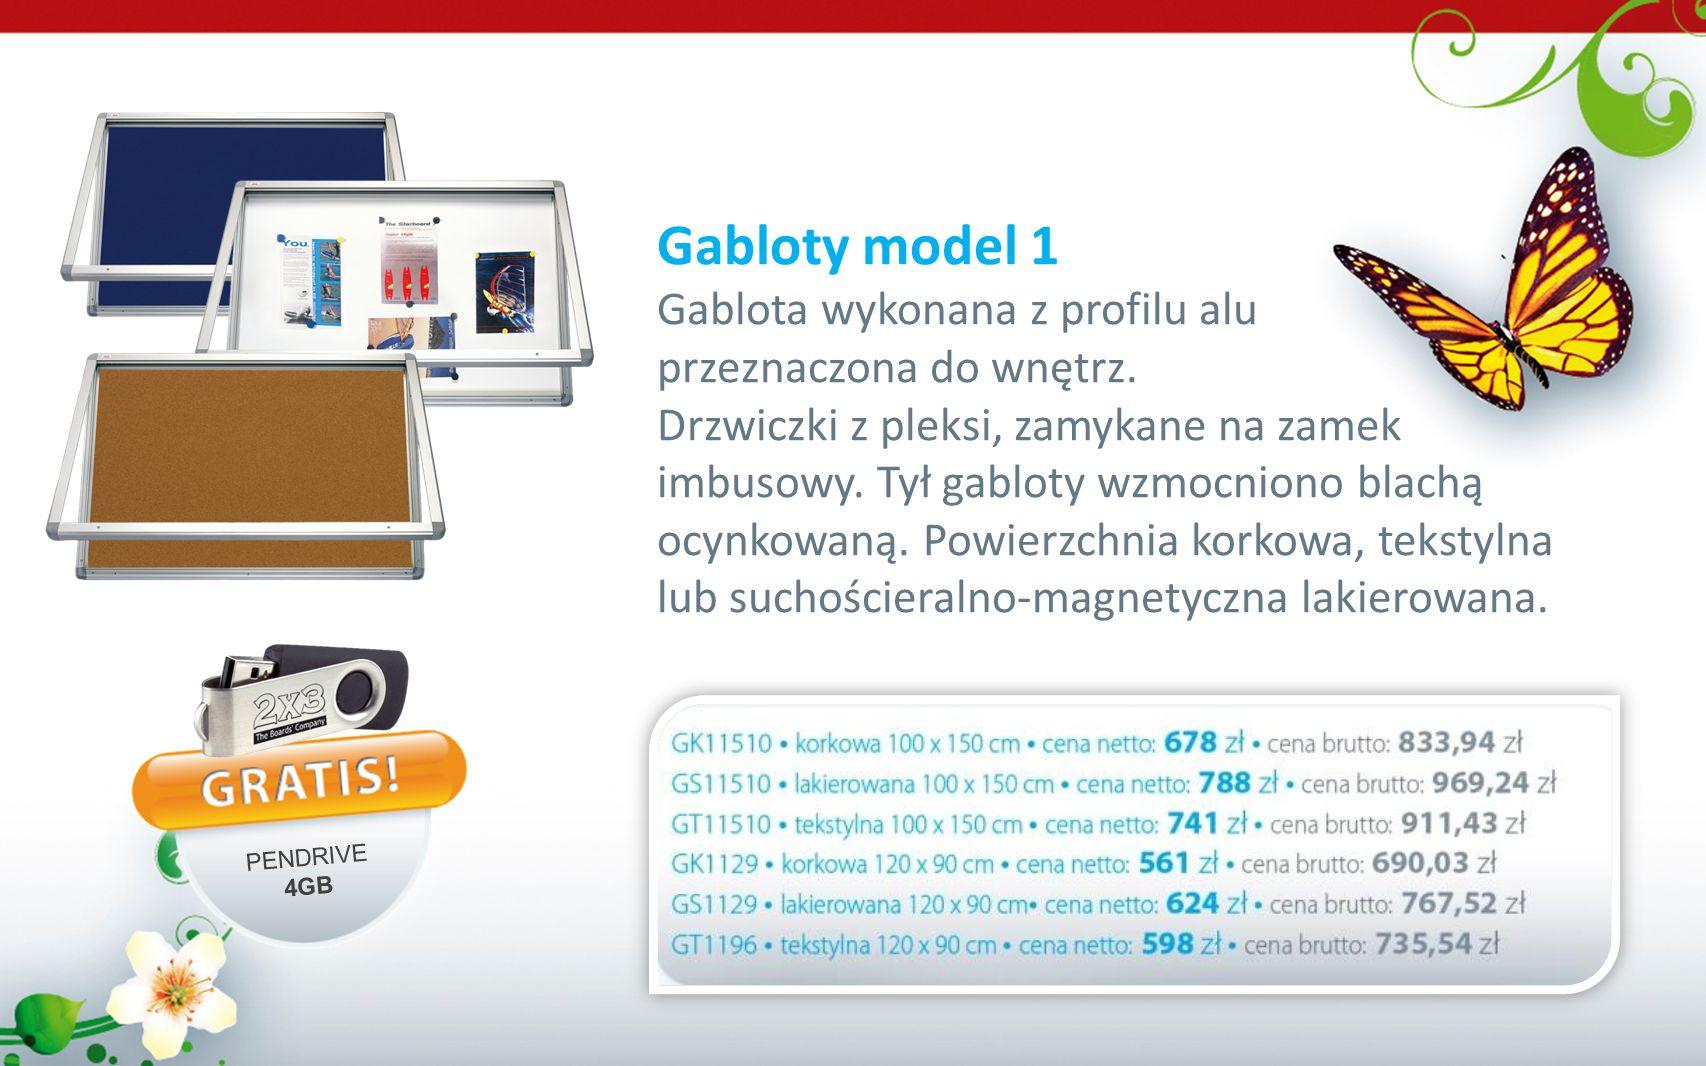 Gabloty model 1